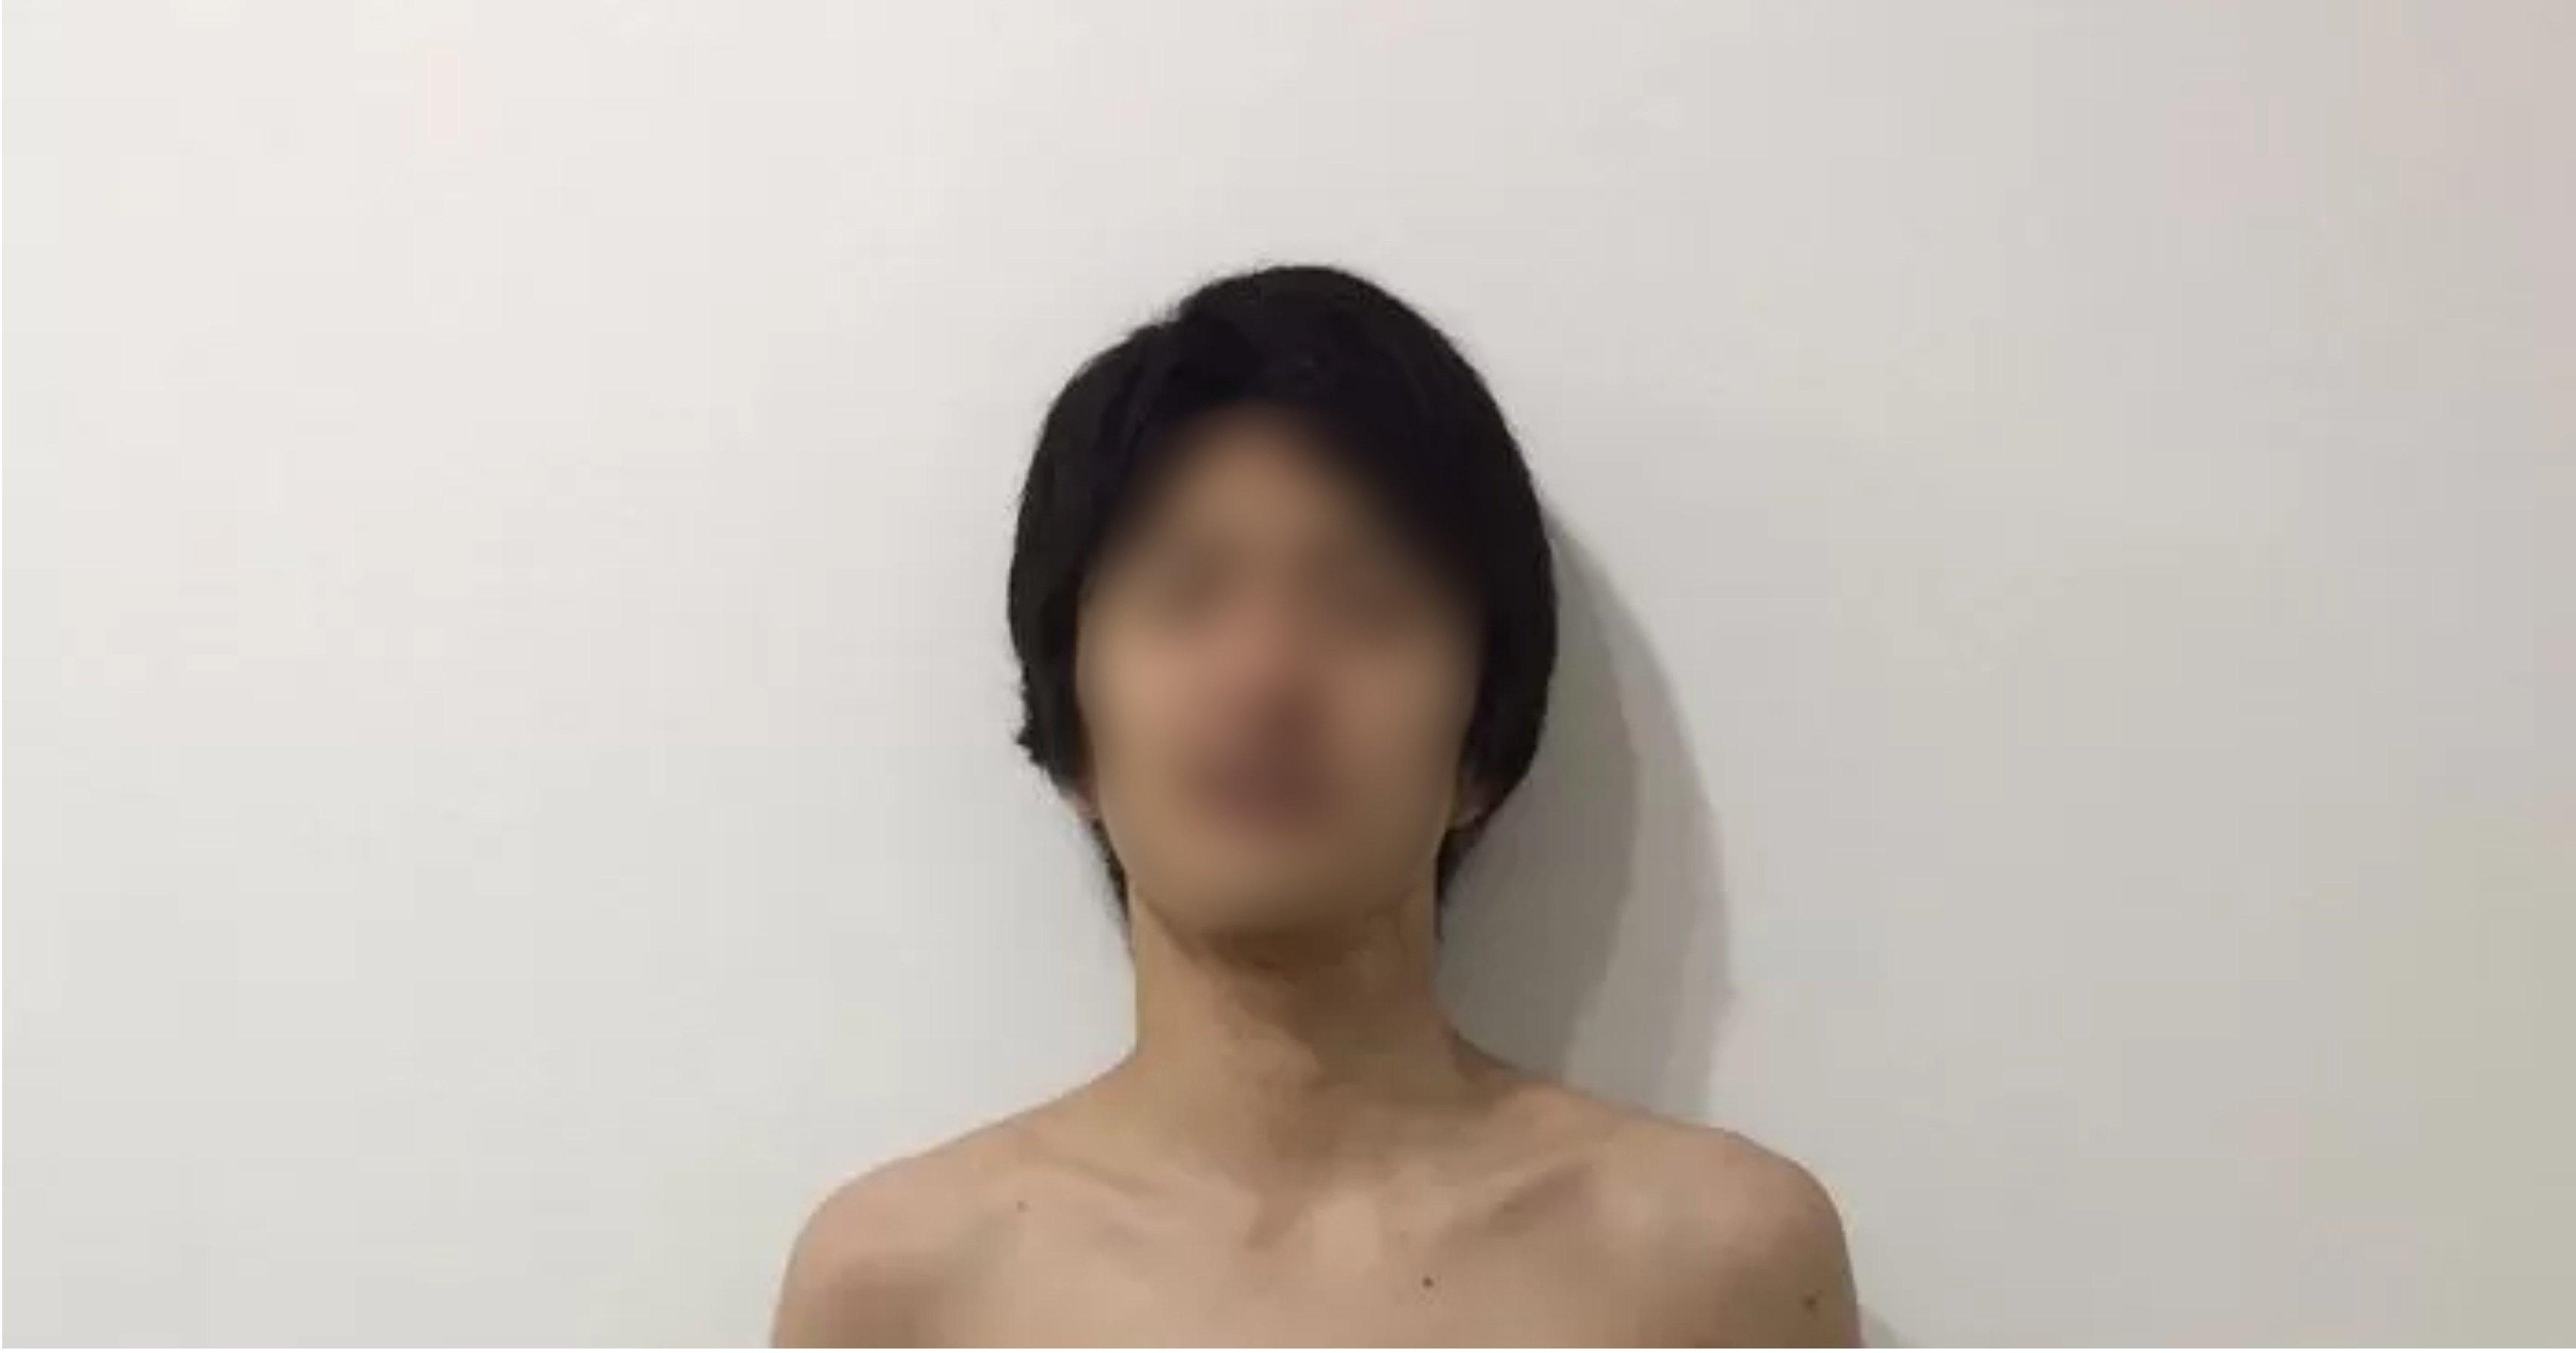 """42c73e67 fc1a 4143 866f ea47f24553e2.jpeg?resize=1200,630 - """"사형 선고""""..젊은 여성들 9명이나 잔혹하게 죽인 연쇄 살인마 '얼굴' 공개됐다"""